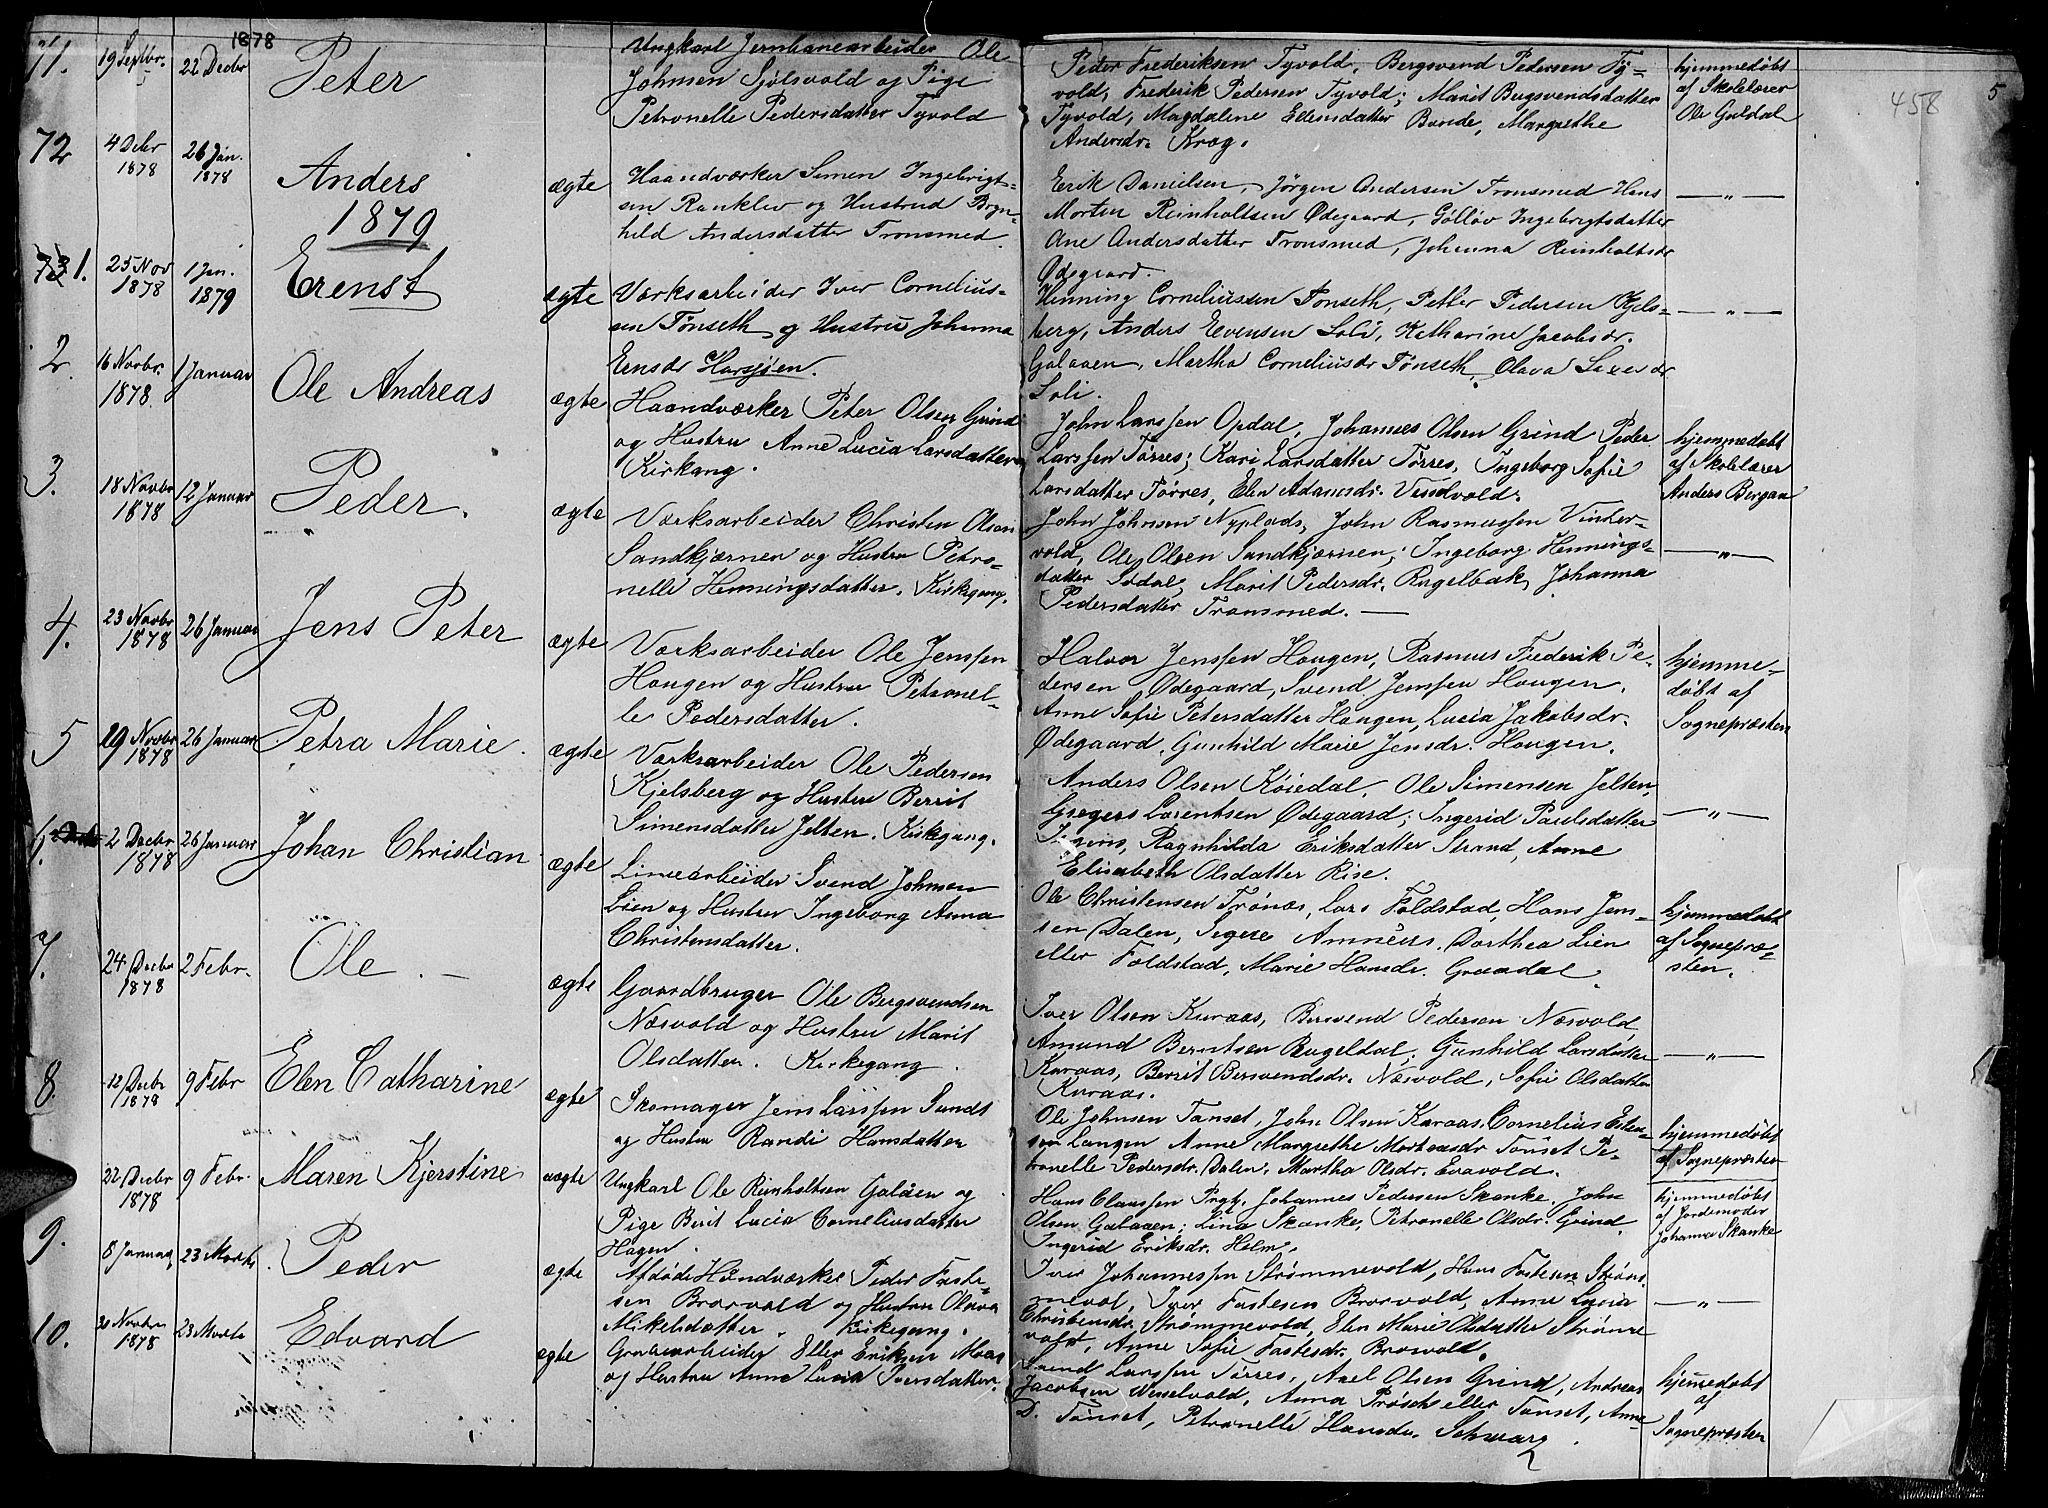 SAT, Ministerialprotokoller, klokkerbøker og fødselsregistre - Sør-Trøndelag, 681/L0938: Klokkerbok nr. 681C02, 1829-1879, s. 458